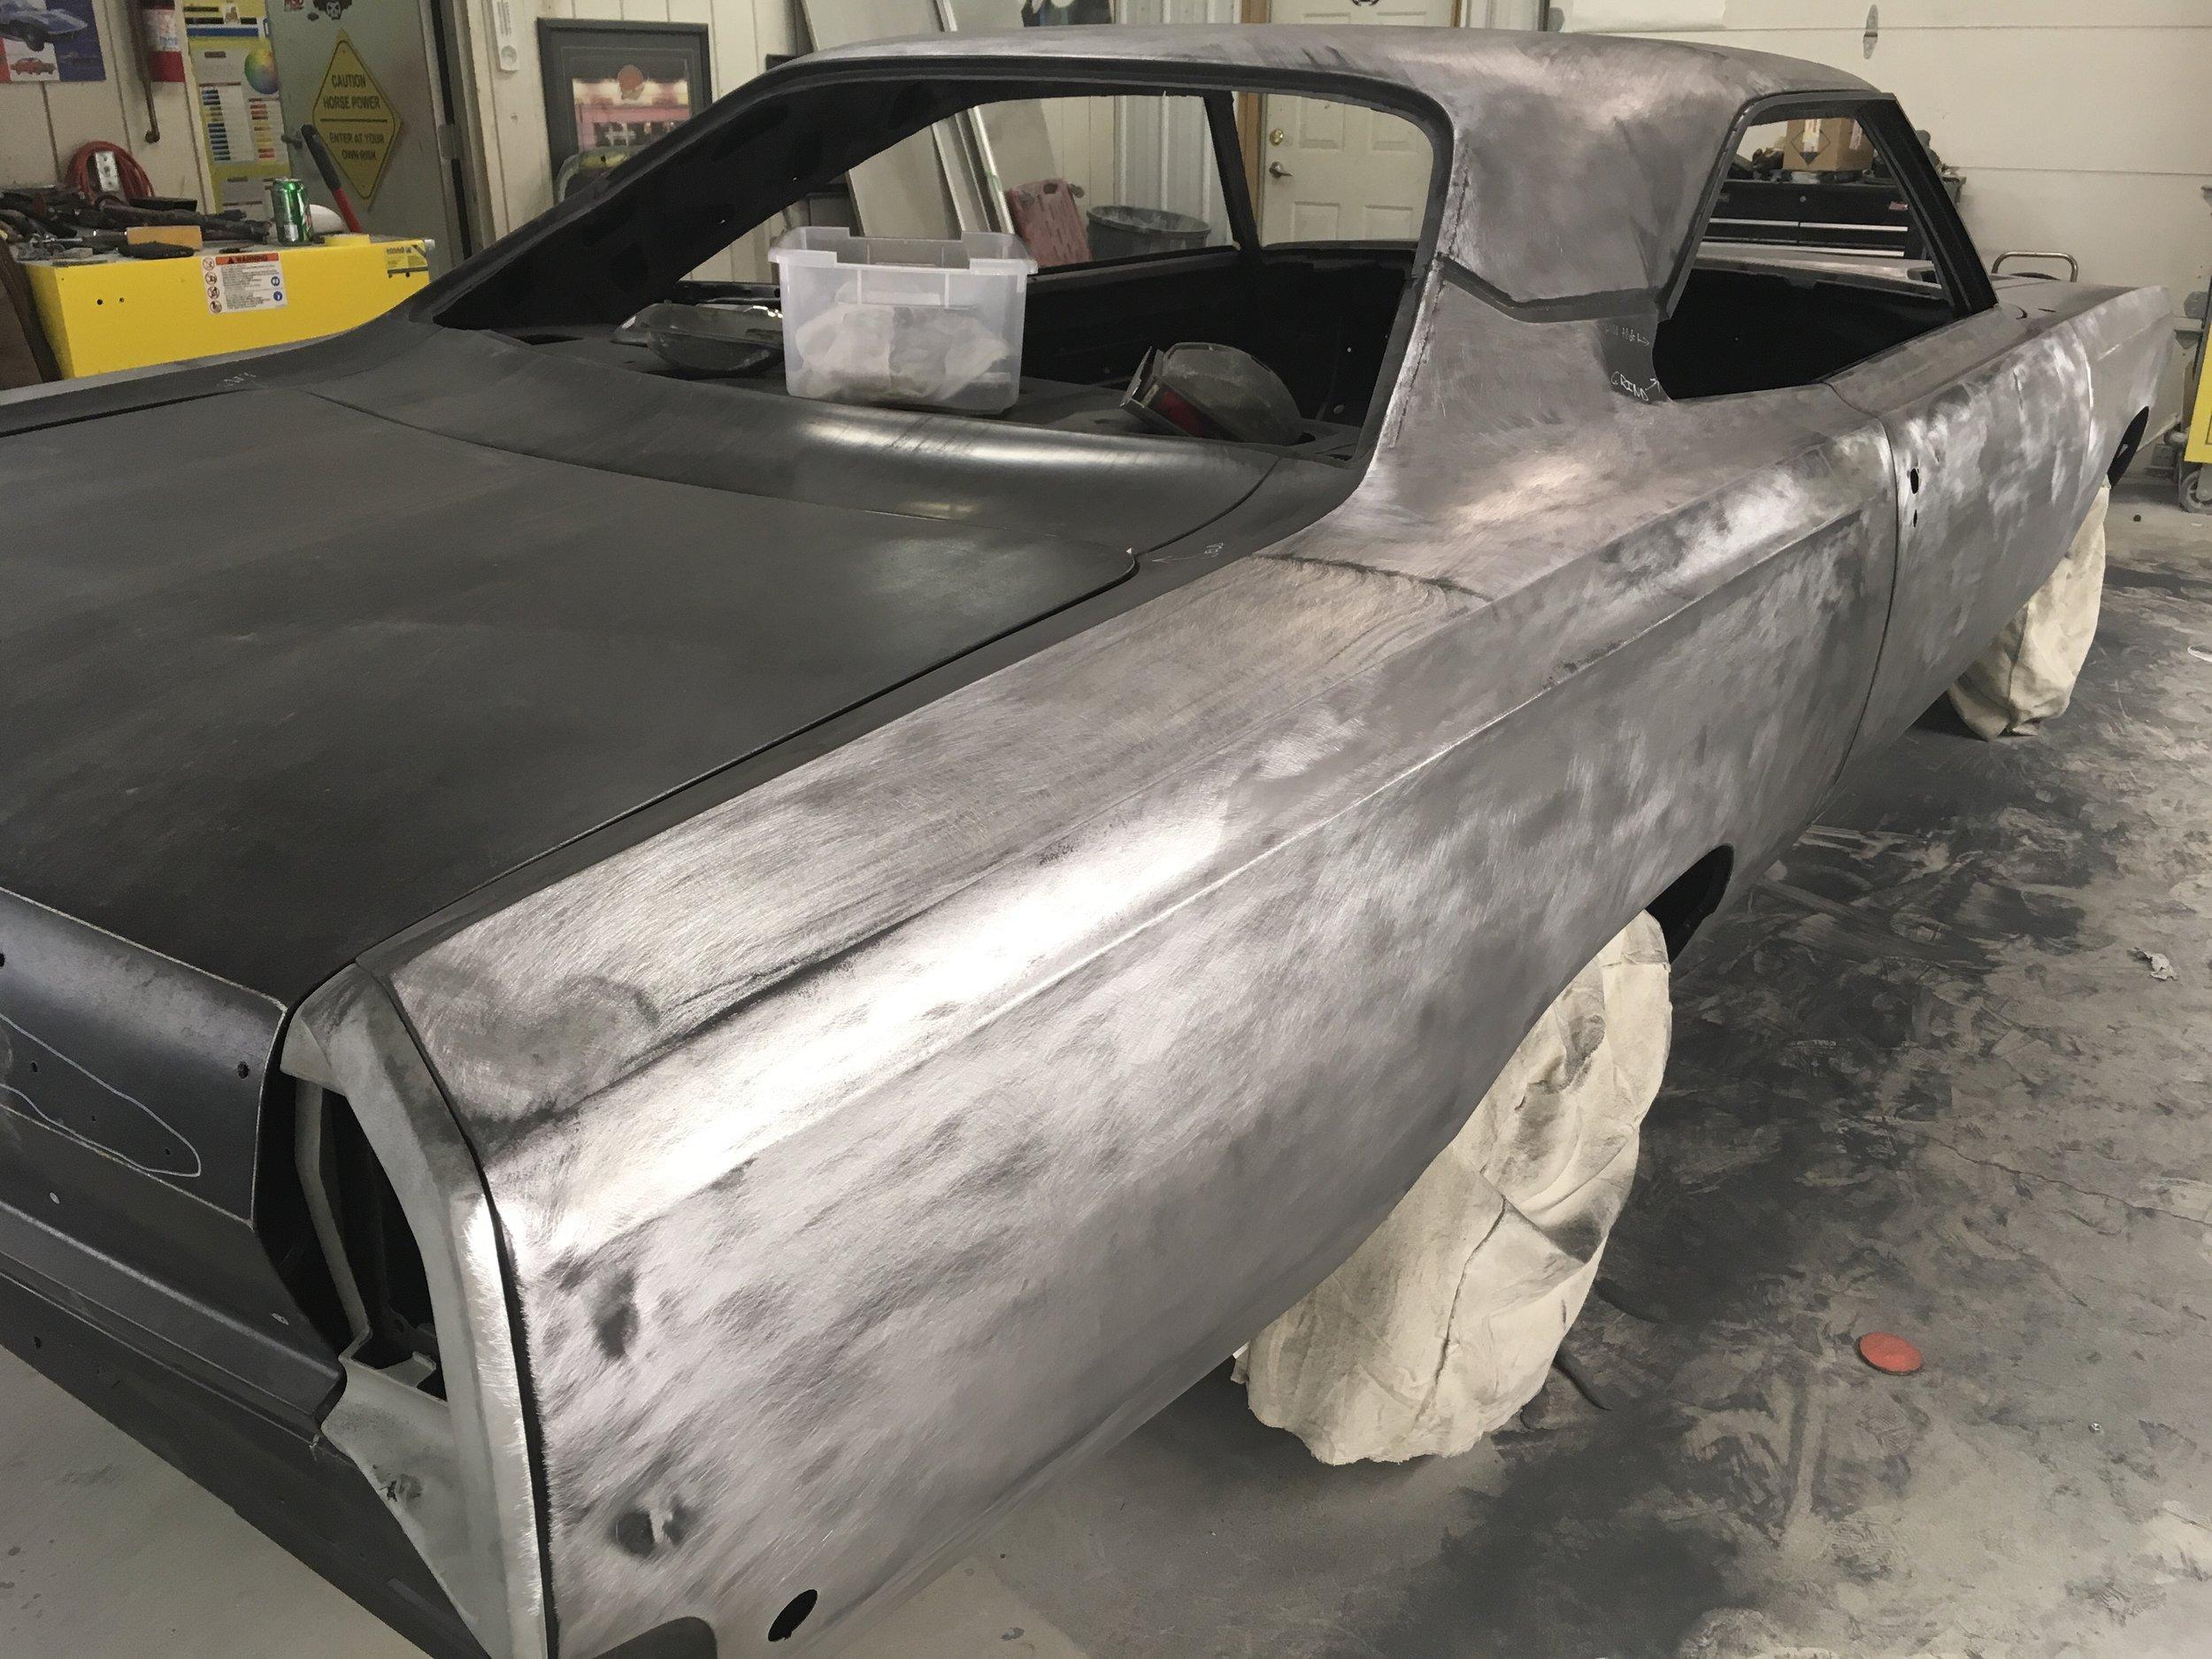 1968-Plymouth-GTX-minneapolis-custom-built-hot-rod-restoration-rust-repair.jpg